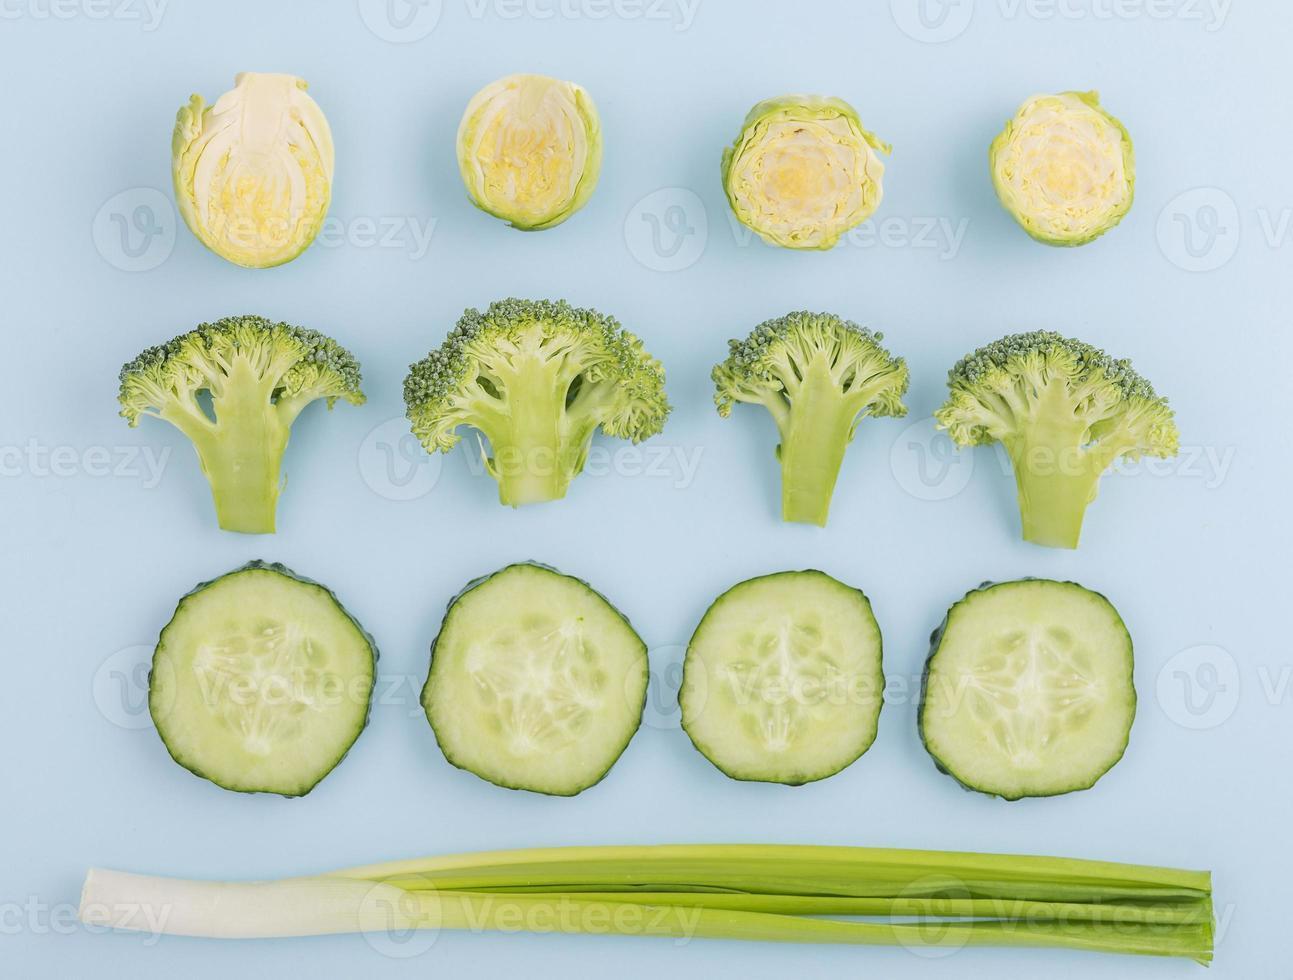 verduras orgánicas en la mesa foto